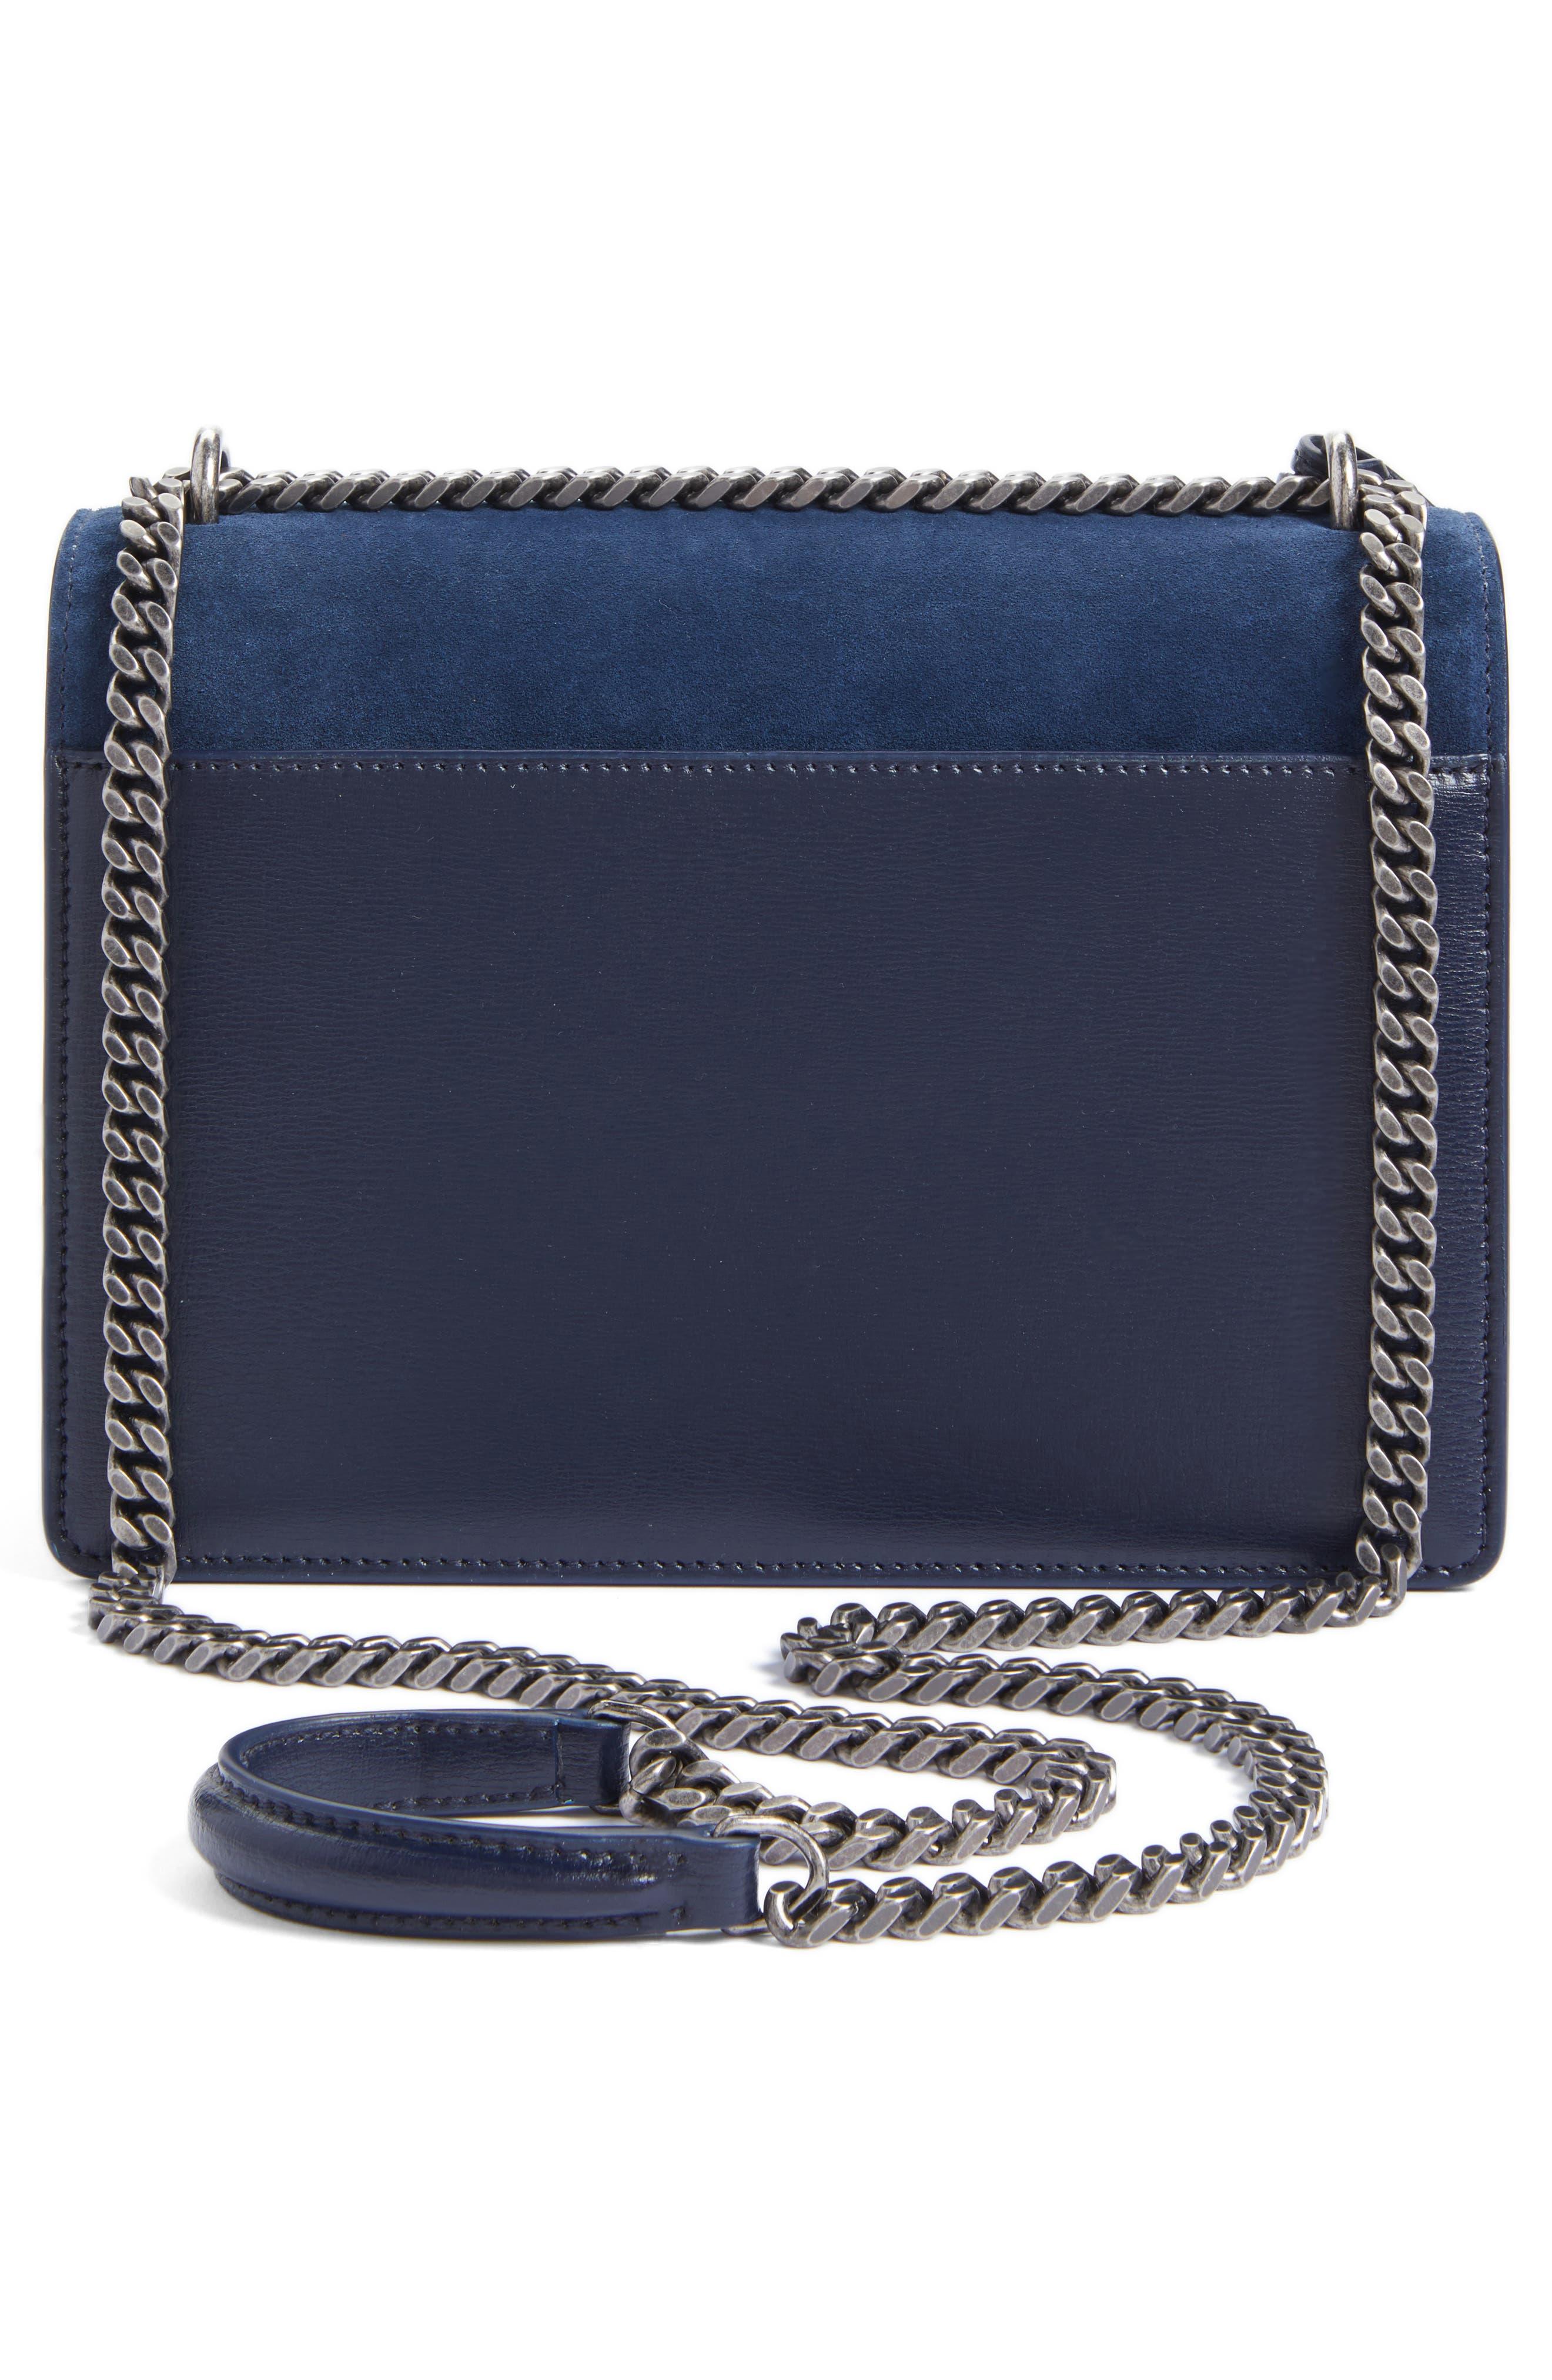 Alternate Image 3  - Saint Laurent Medium Sunset Leather & Suede Shoulder Bag